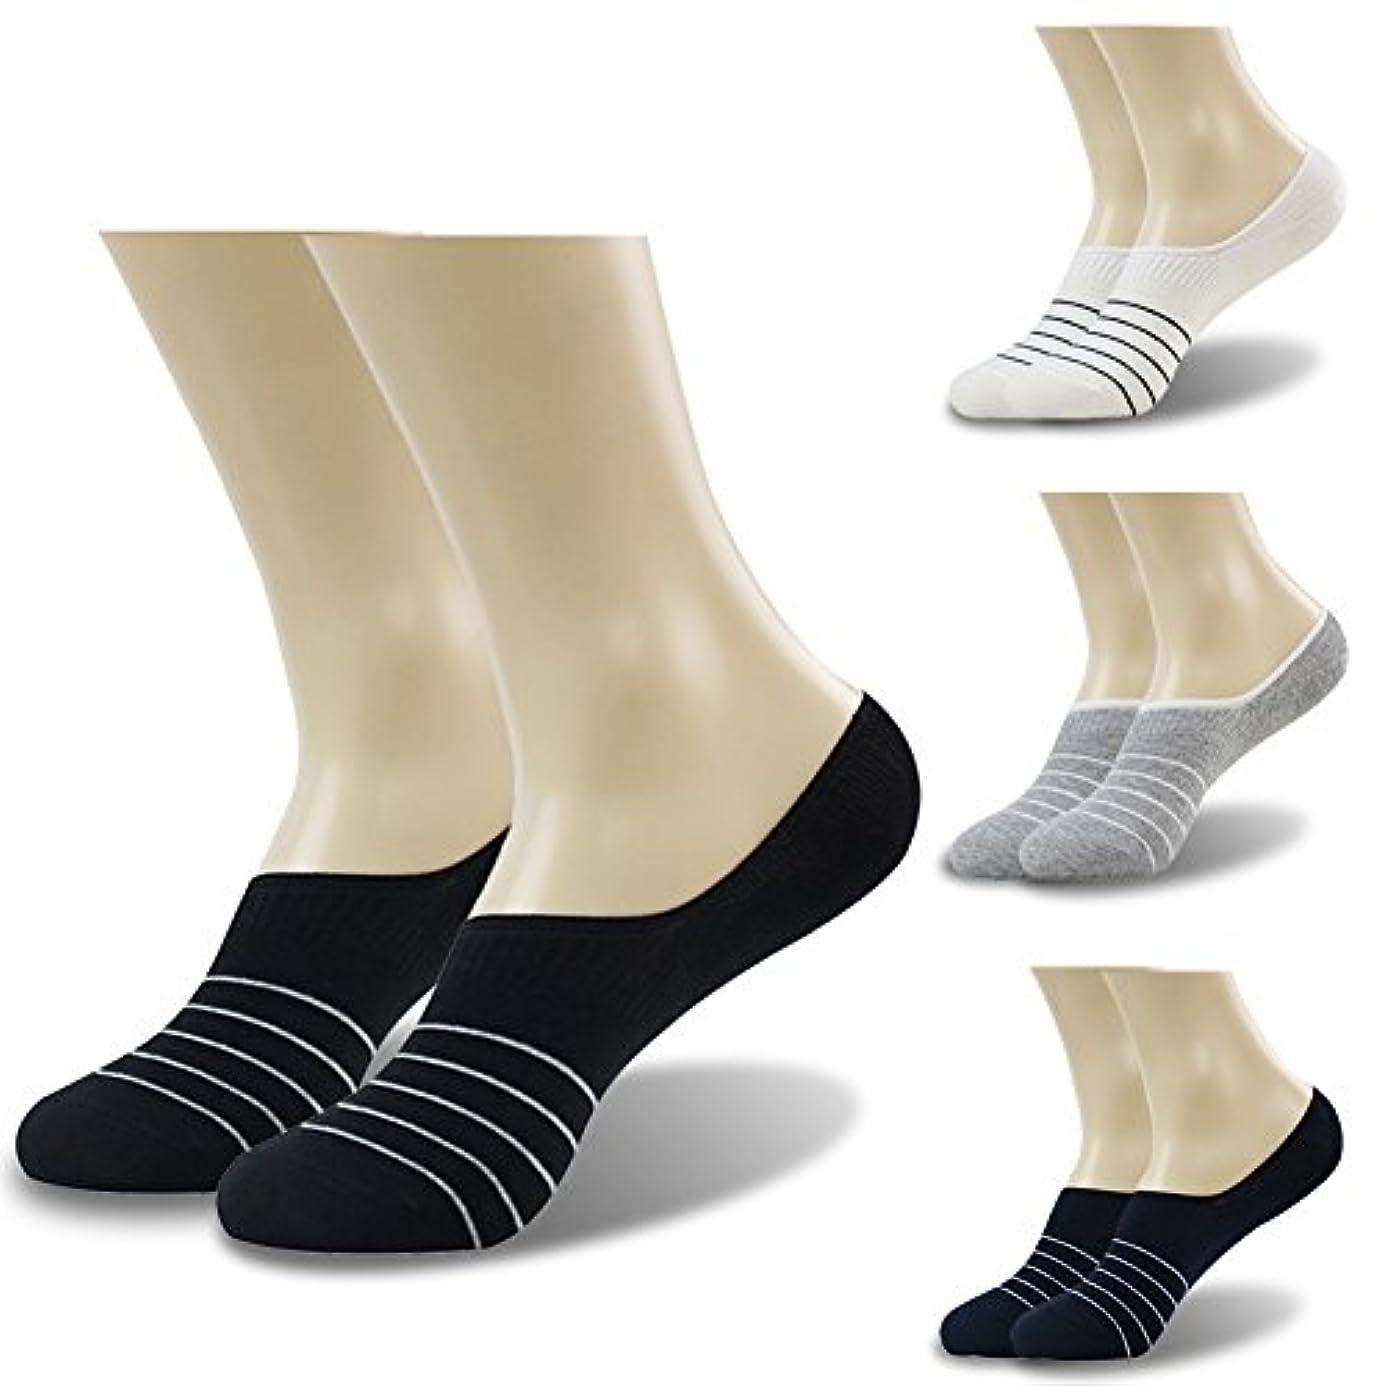 団結適切に推定PIPIKAKA メンズ靴下 ソックス フットカバー スニーカーソックス 抗菌 ショートソックス くるぶし